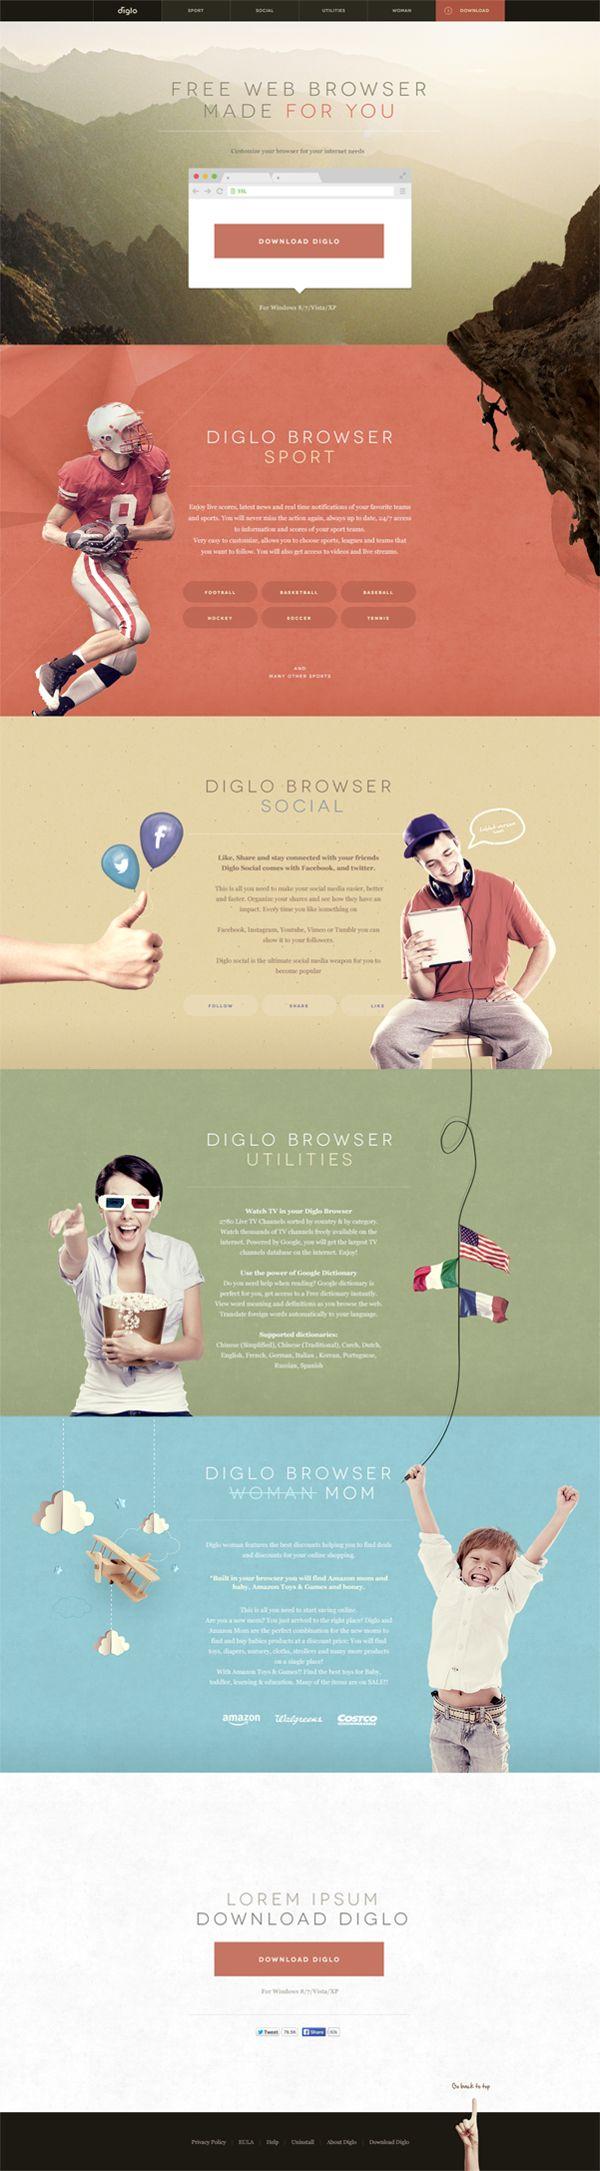 Diglo.com redesign.